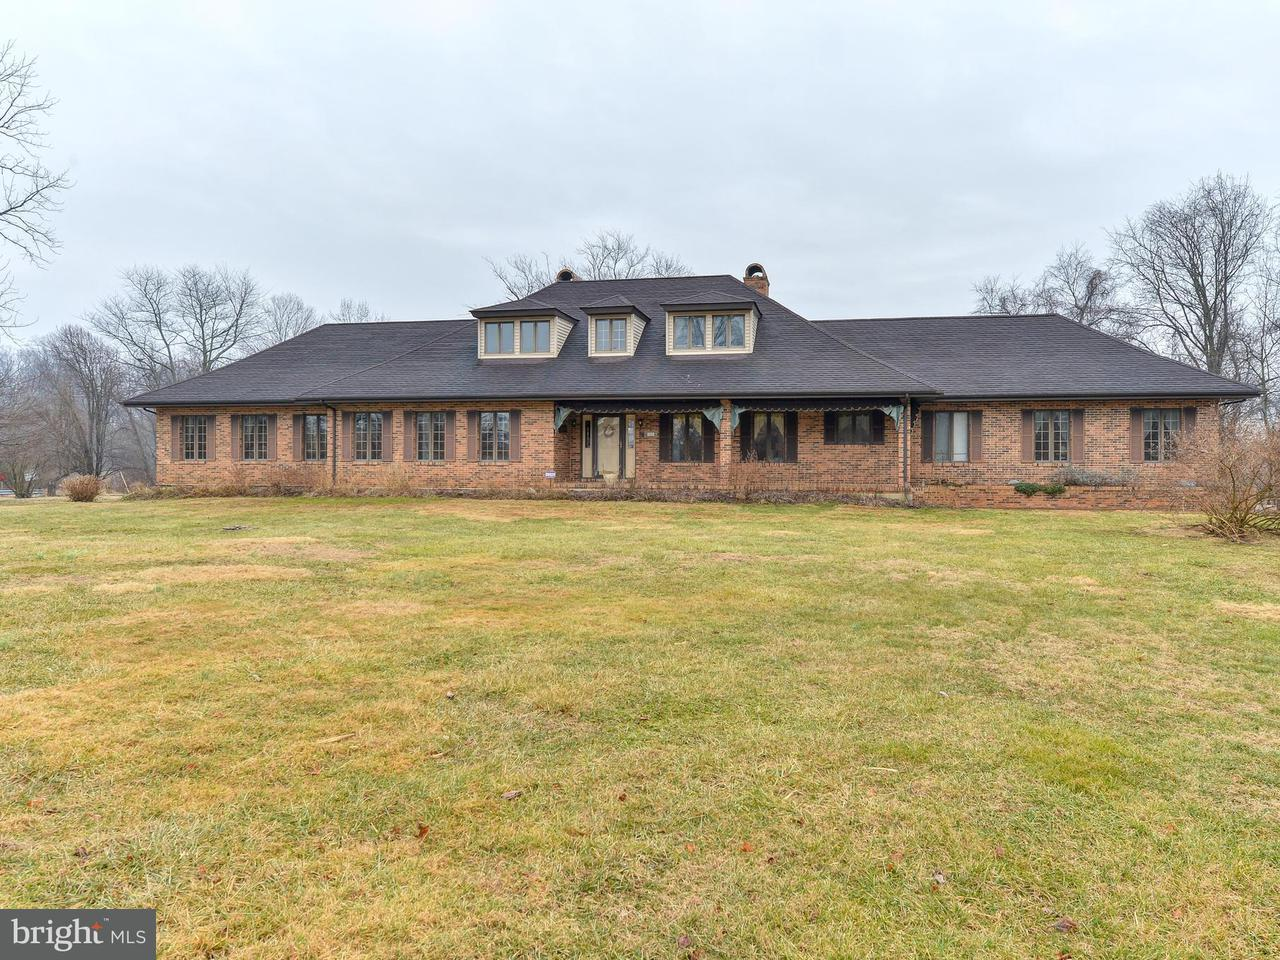 独户住宅 为 销售 在 580 Mill Lane 580 Mill Lane 维尔, 马里兰州 21919 美国